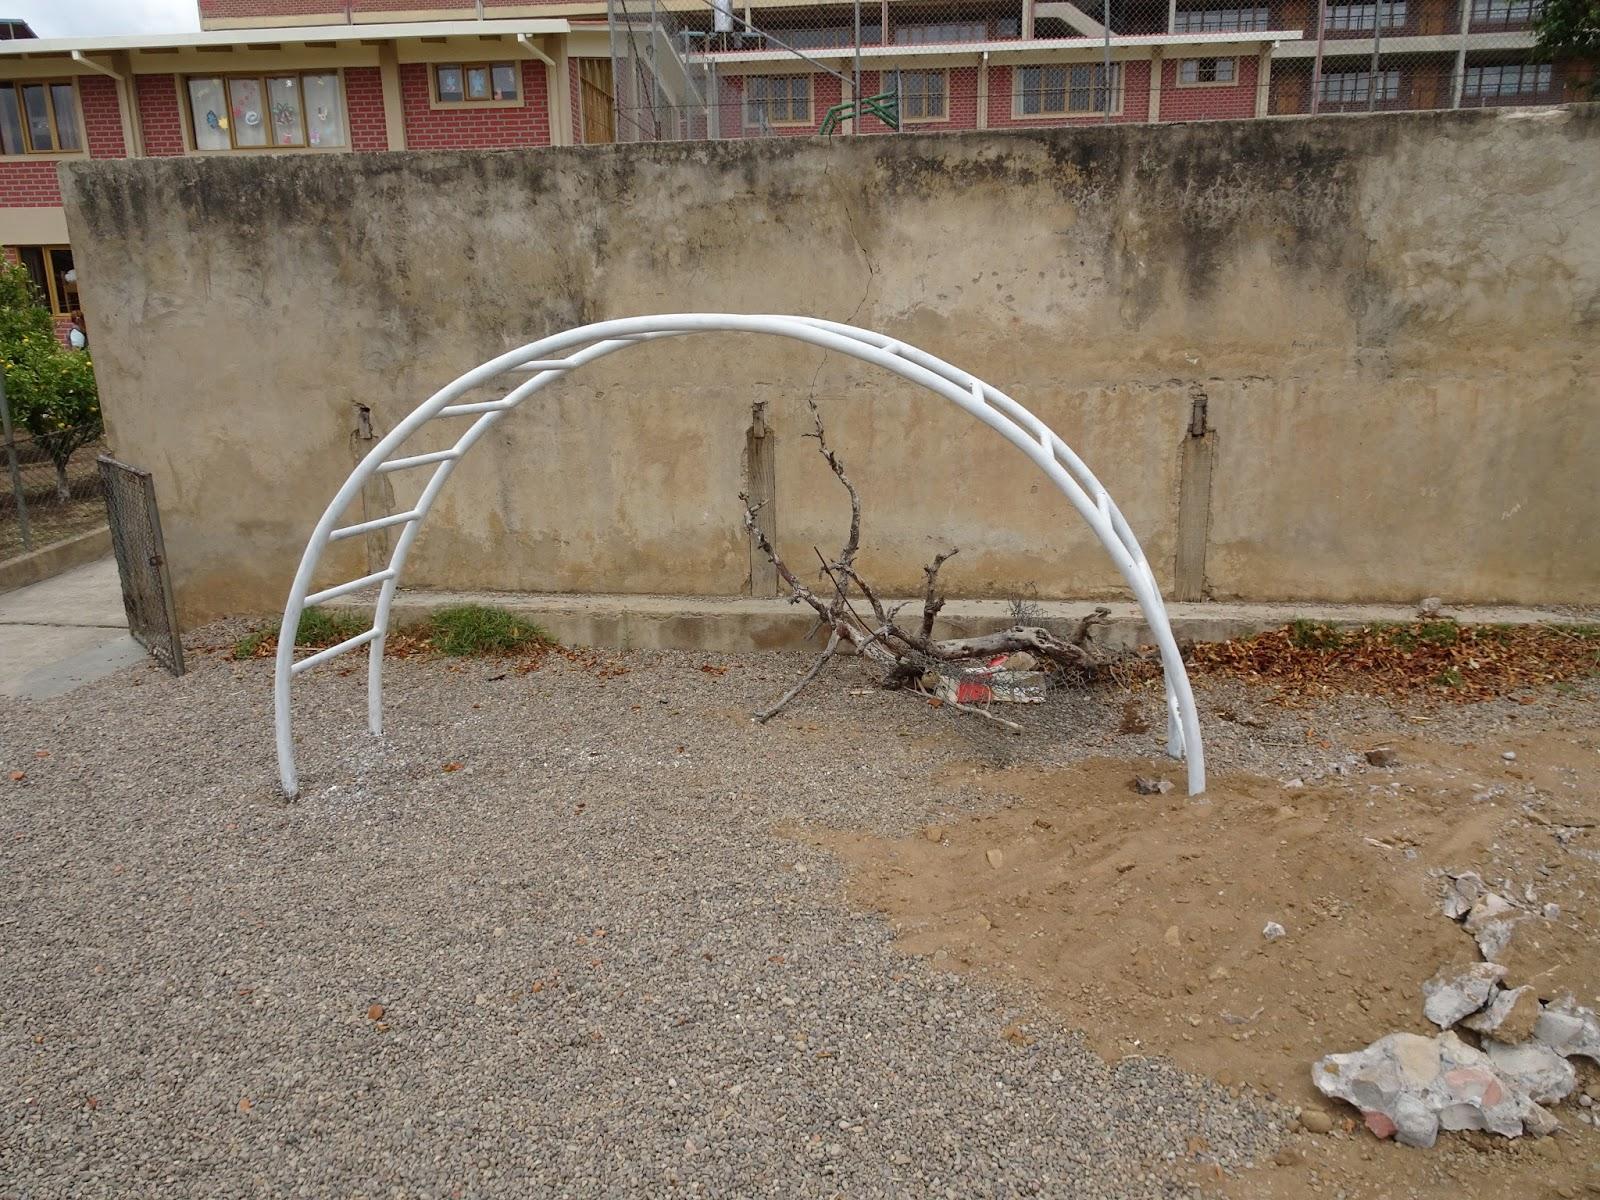 Kletterbogen Spielplatz : Sophie in bolivien: ein kleiner zwischenbericht vom spielplatz